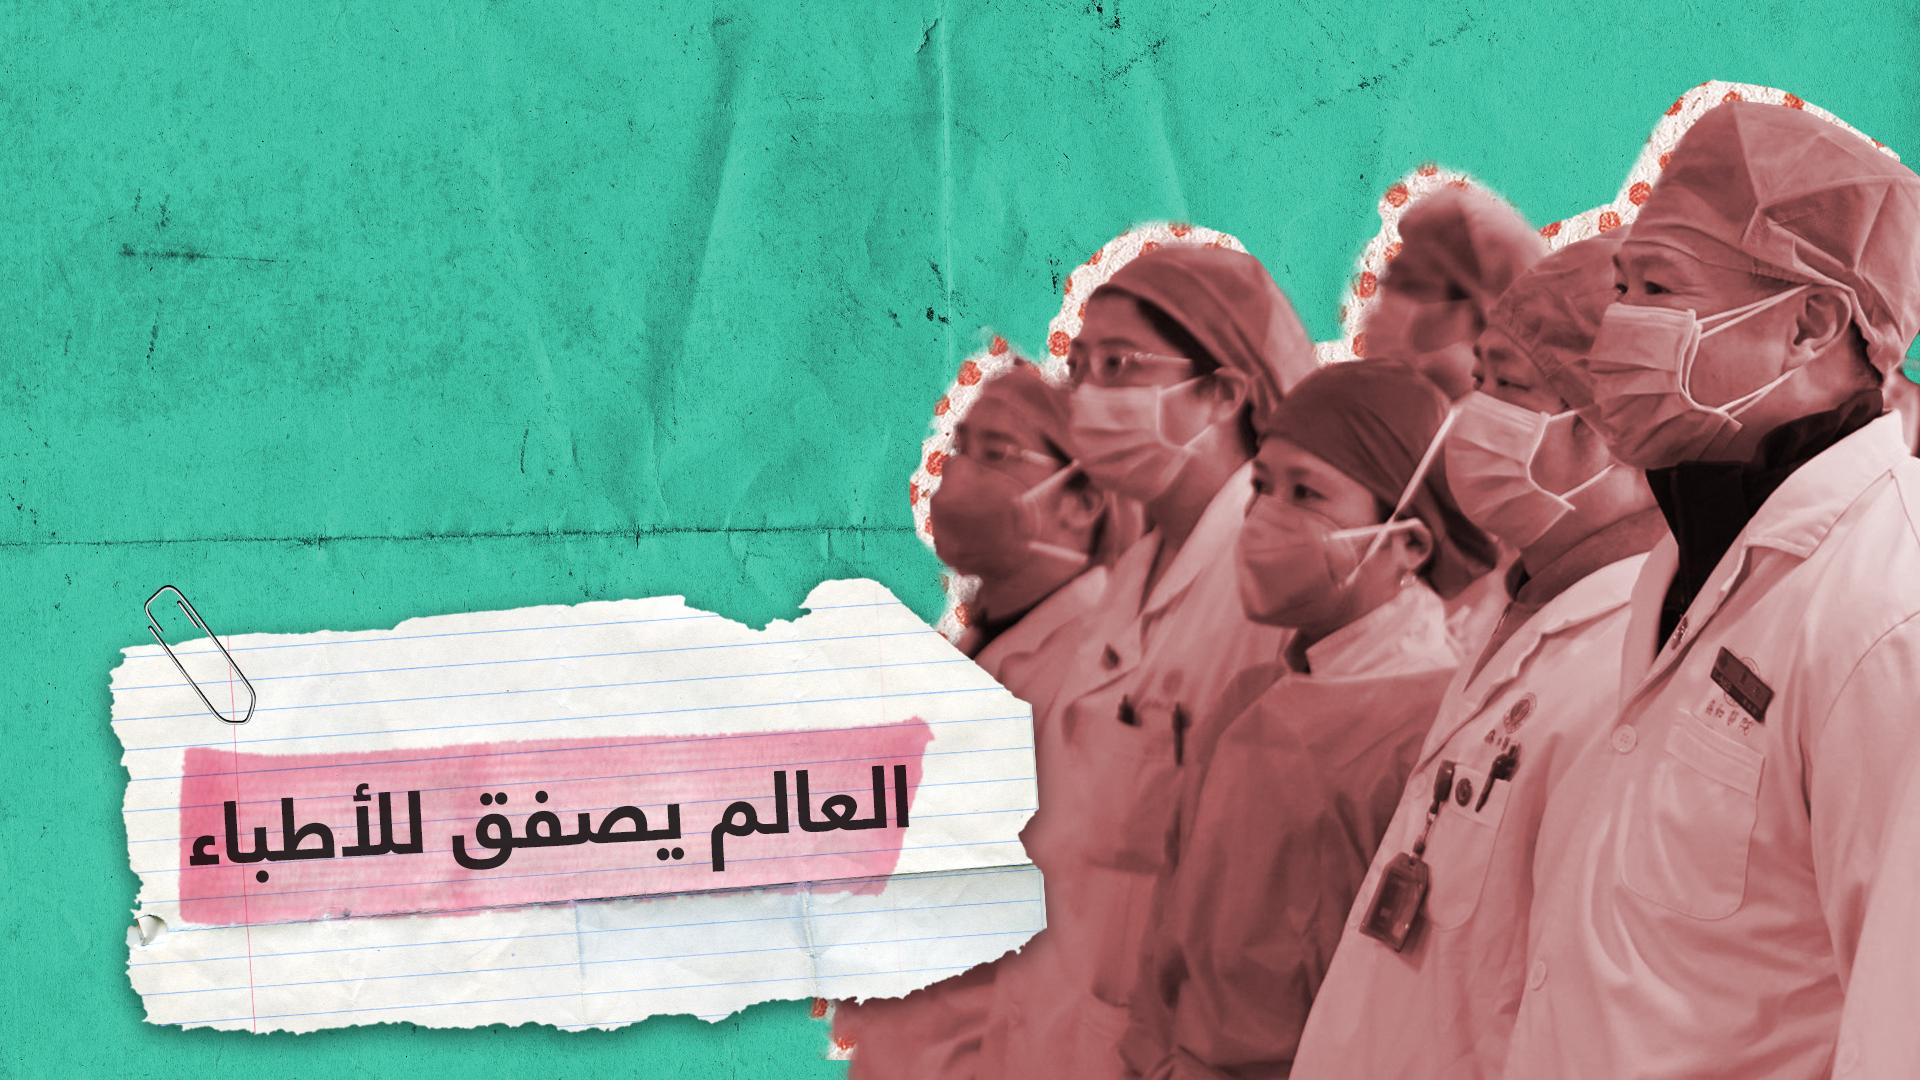 العالم يصفق للأطباء والممرضين